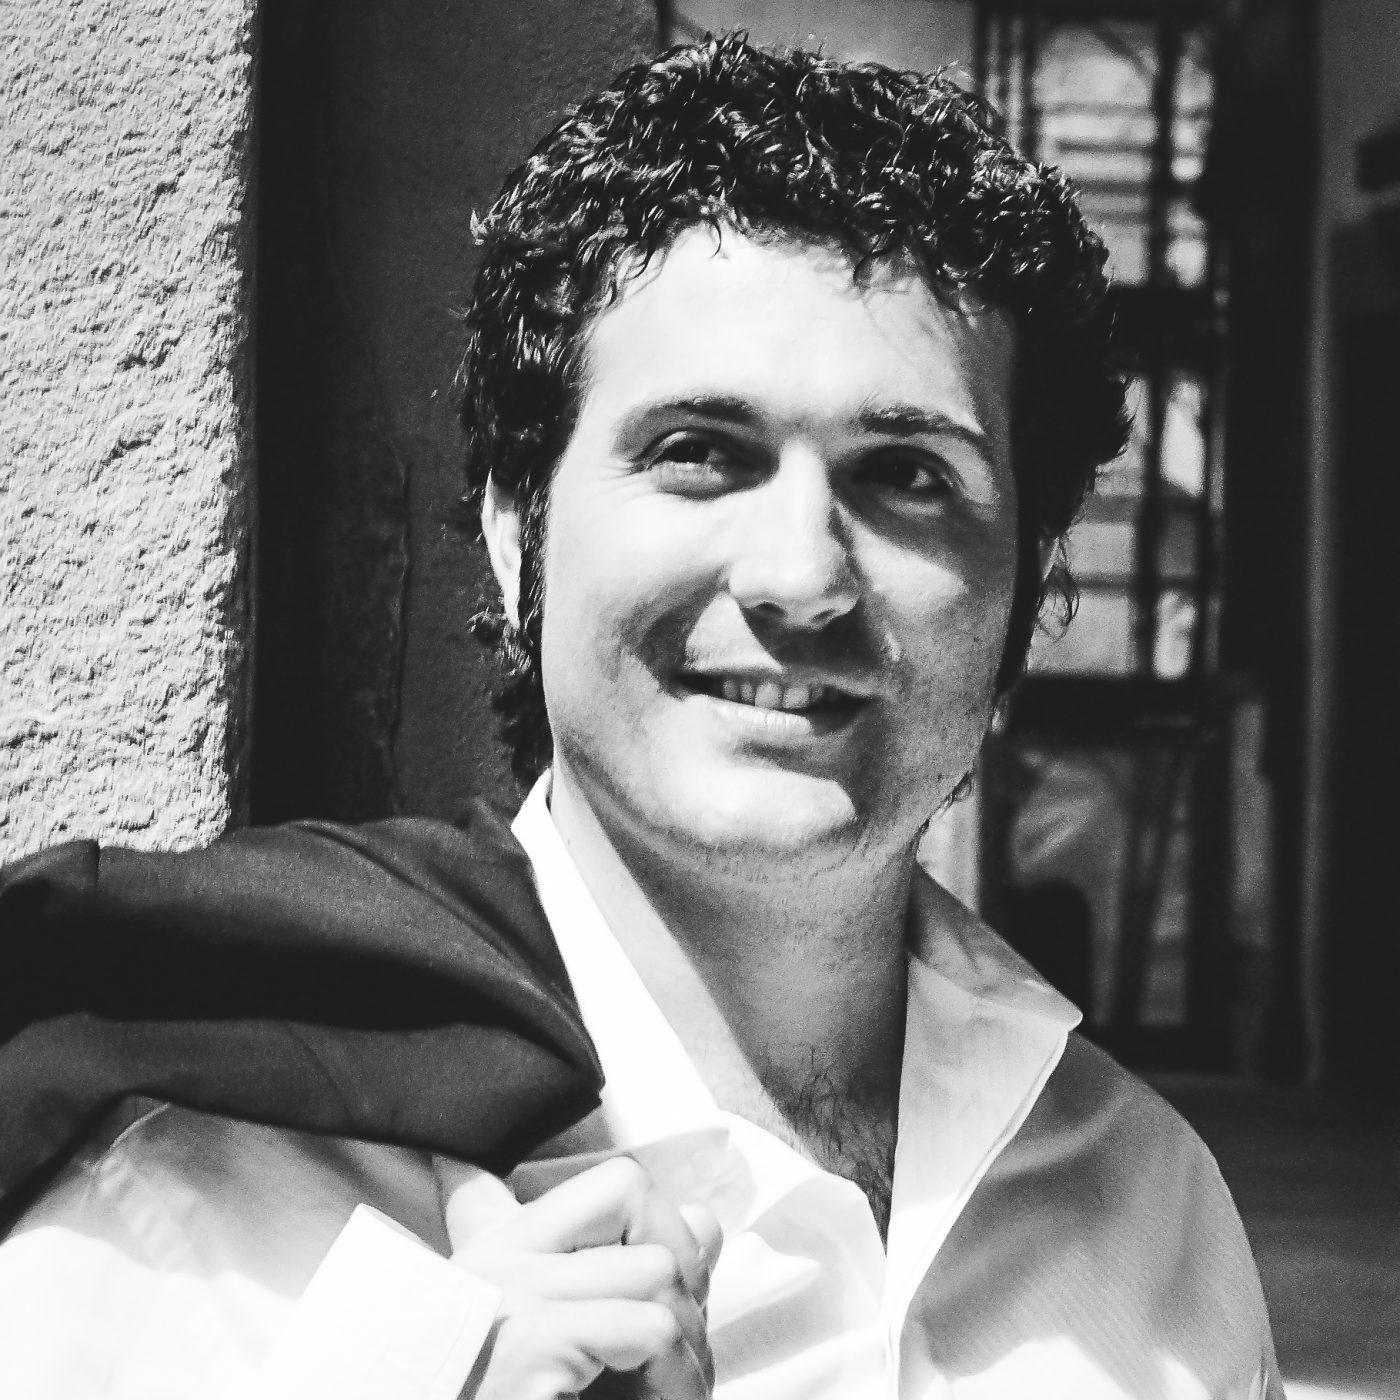 Mario Cassi